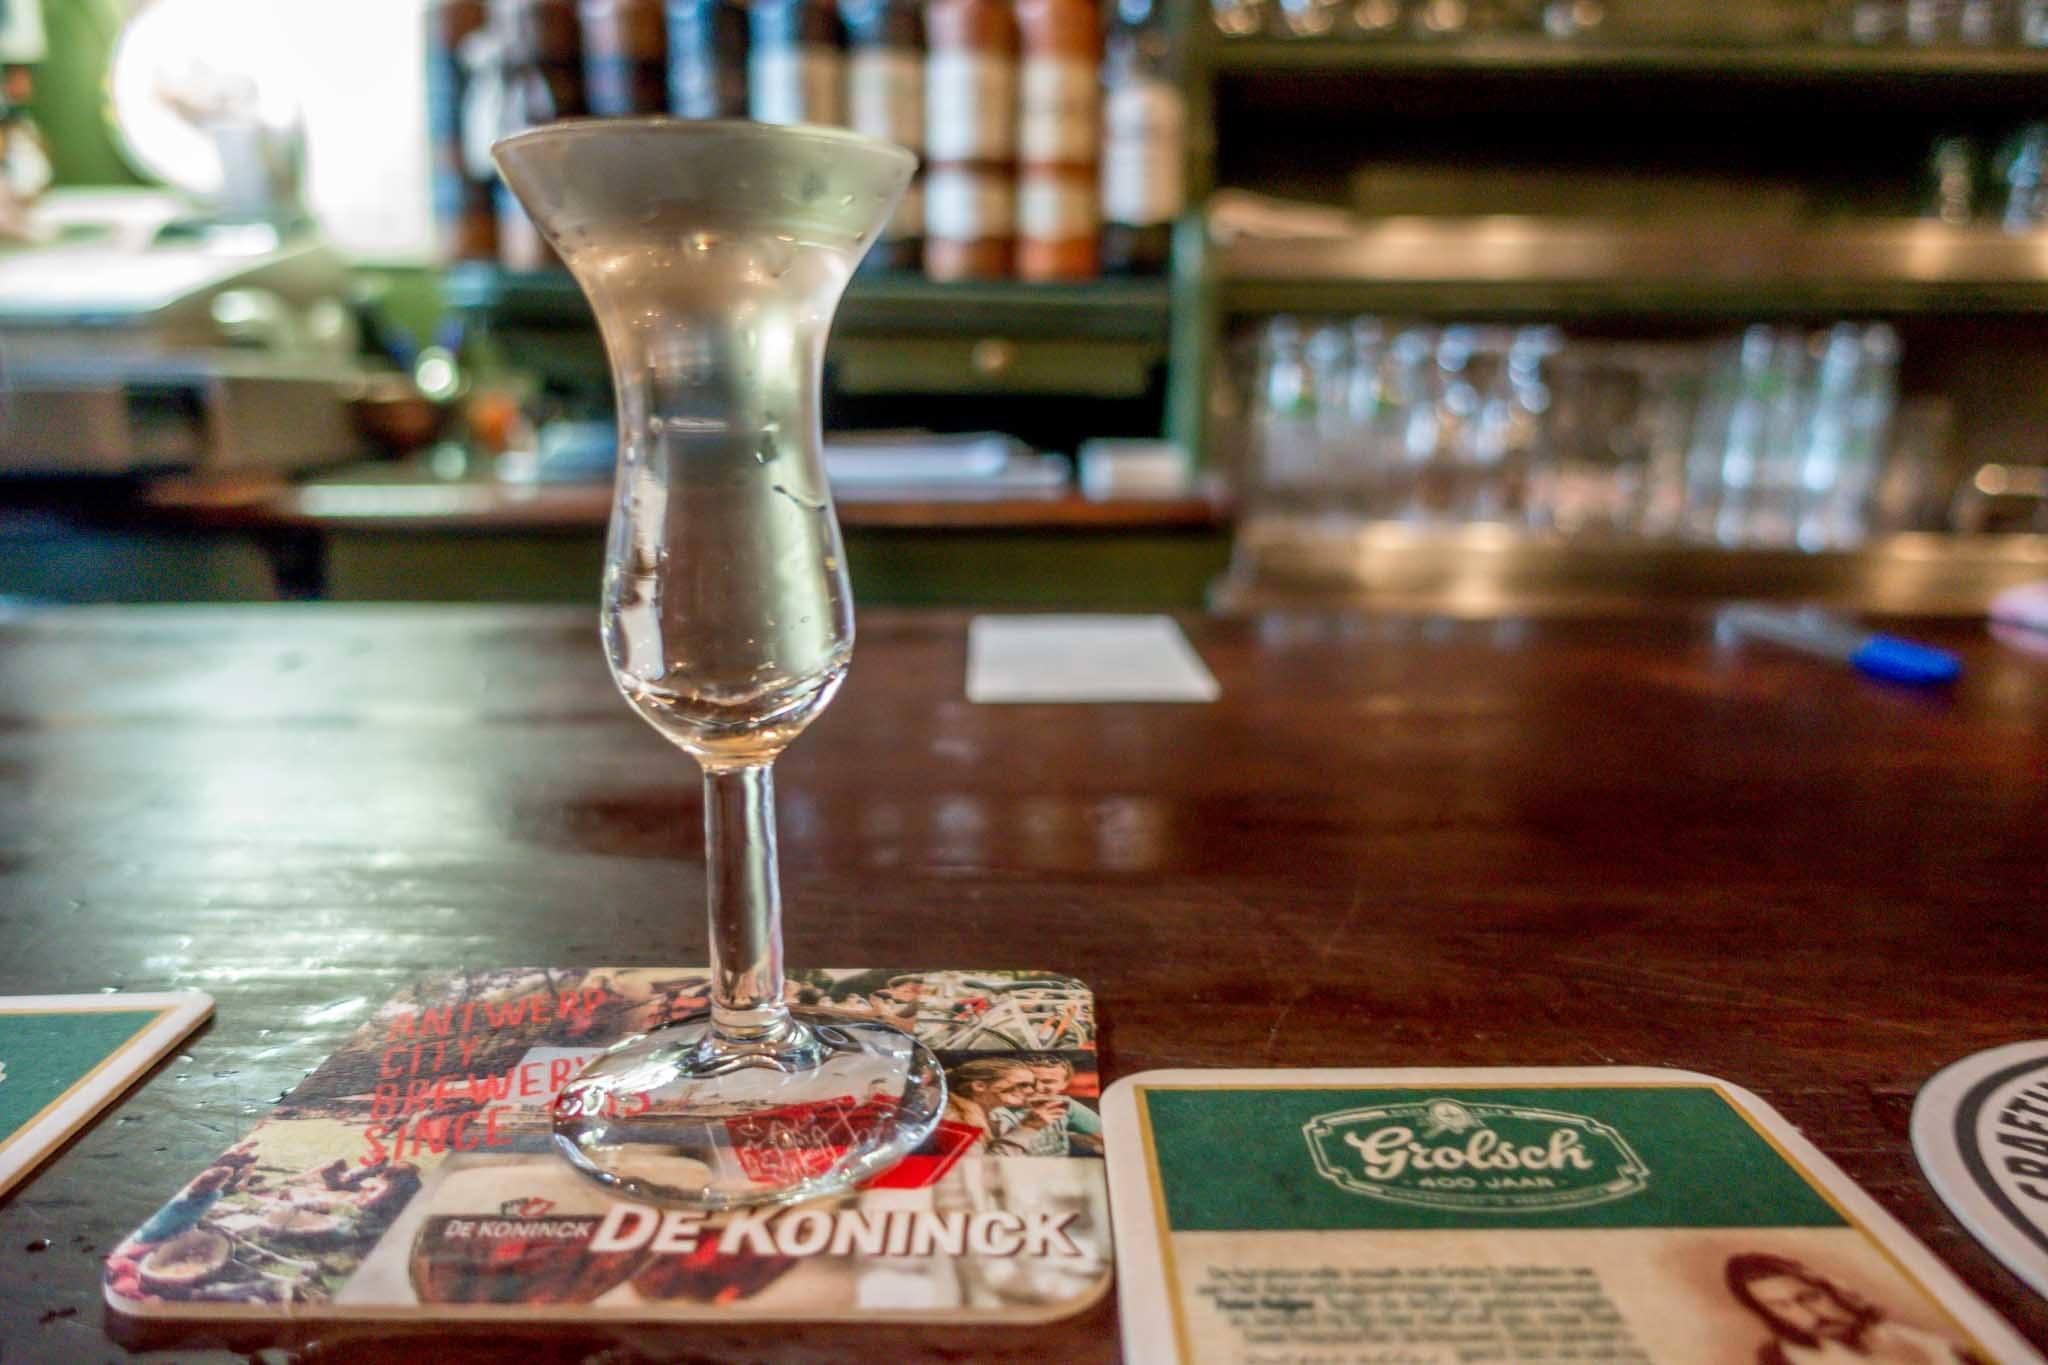 Full glass of a clear Dutch spirit